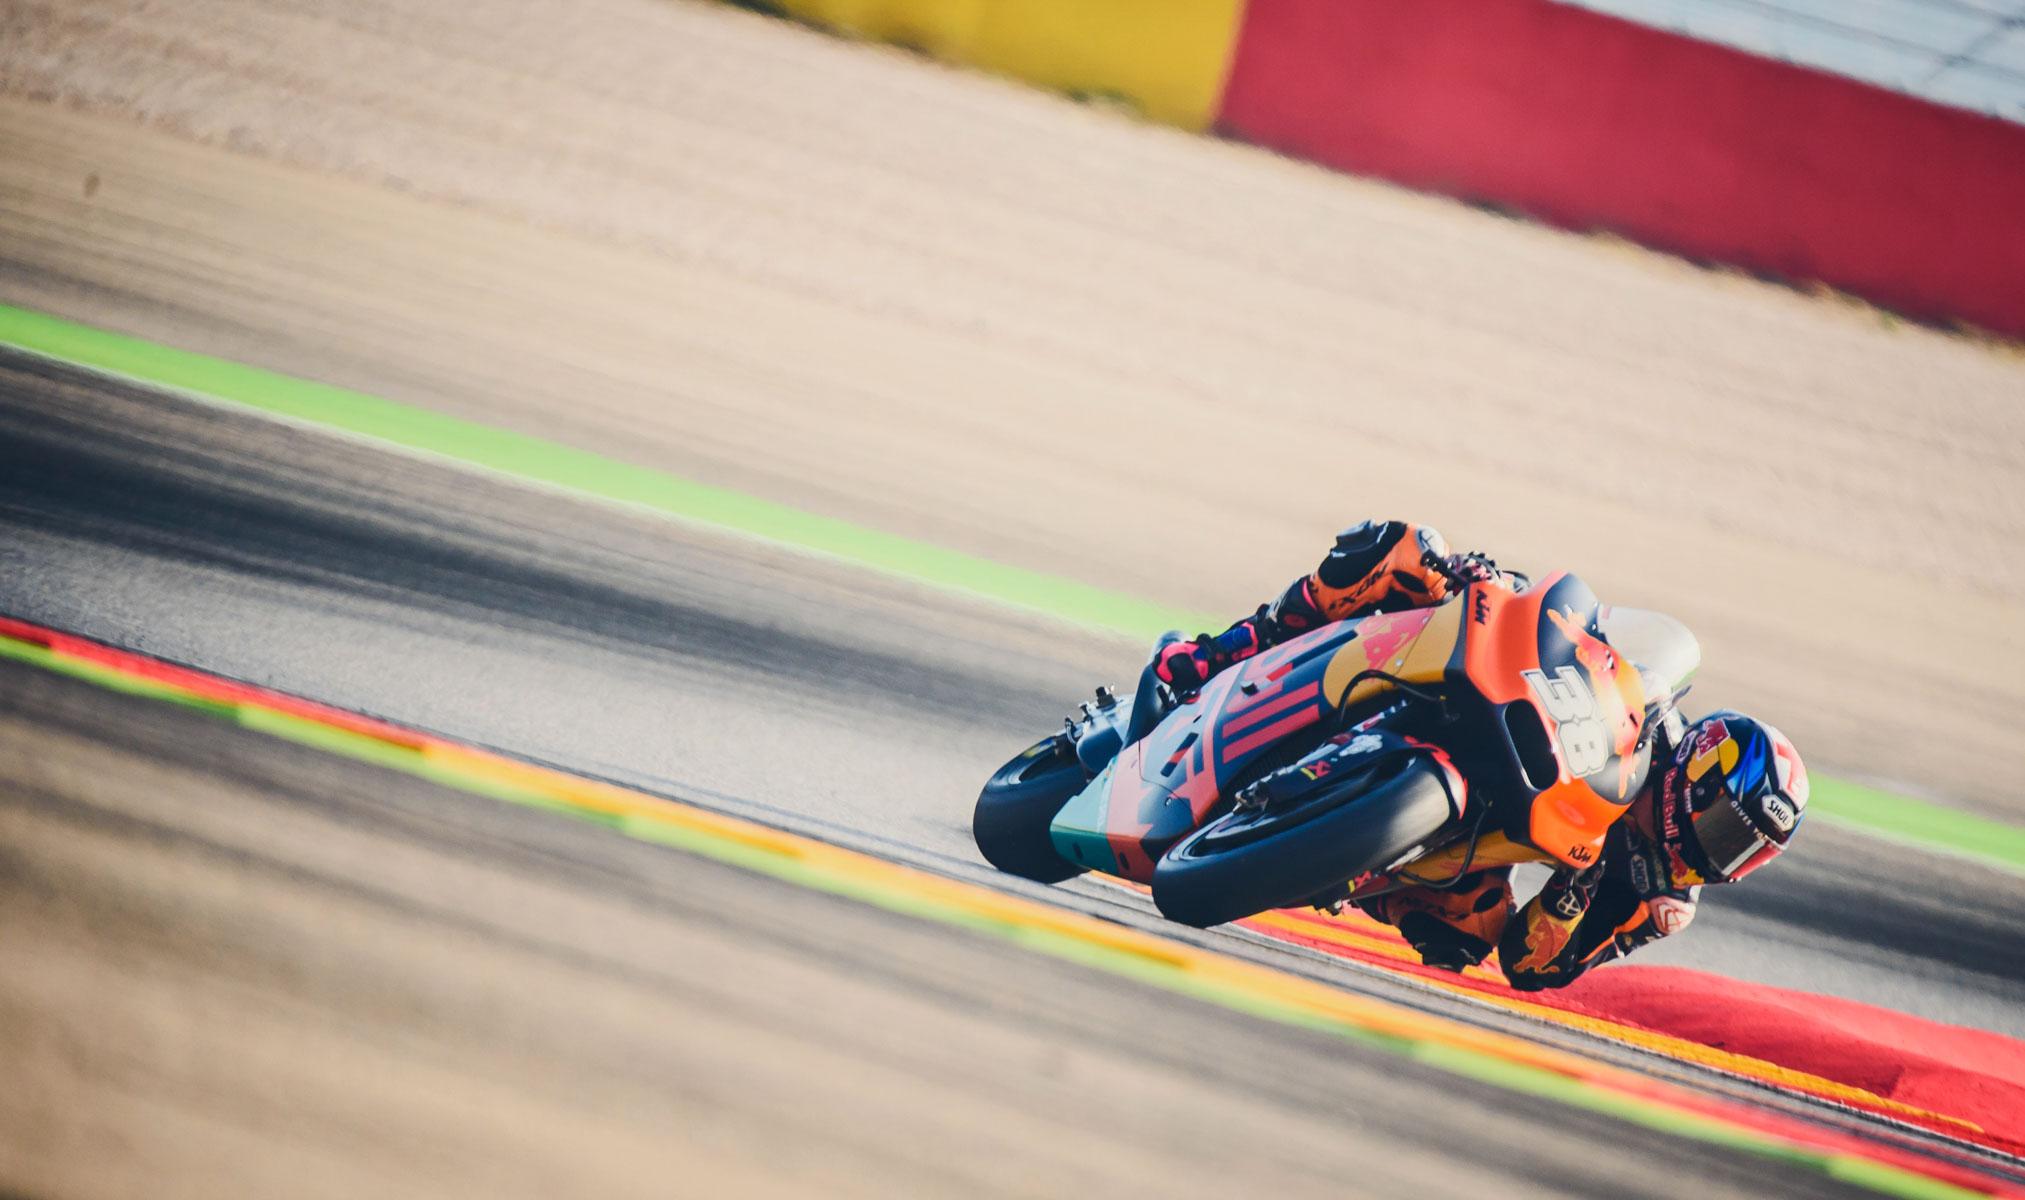 KTM testing their machines at Aragon MotoGP